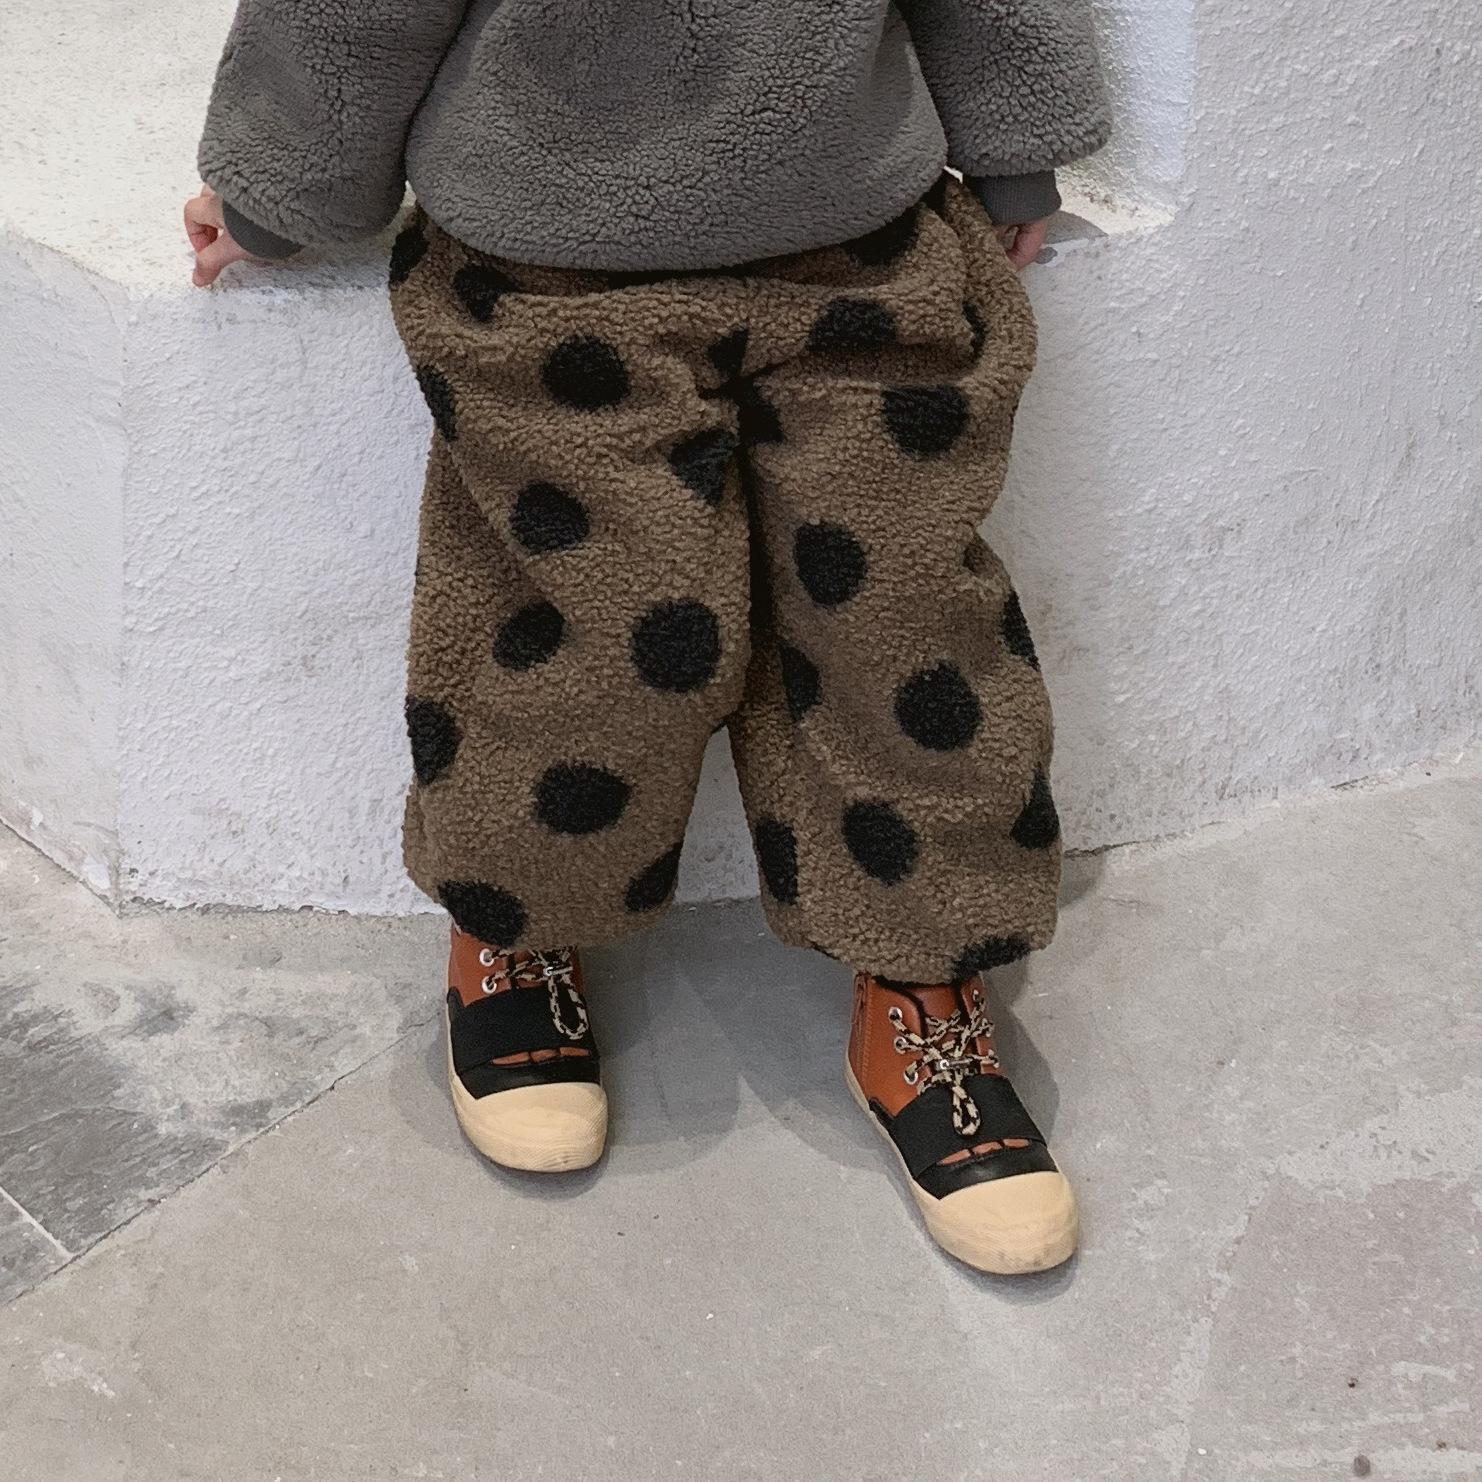 geeignet für Männer/Frauen neue bilder von größte Auswahl von 2019 WLG Jungen Mädchen Winter Samt Hosen Kinder dicken Punkt gedruckt lose  braune Kaffee Hose Baby lässig alle Match-Kleidung 1-6 Jahre